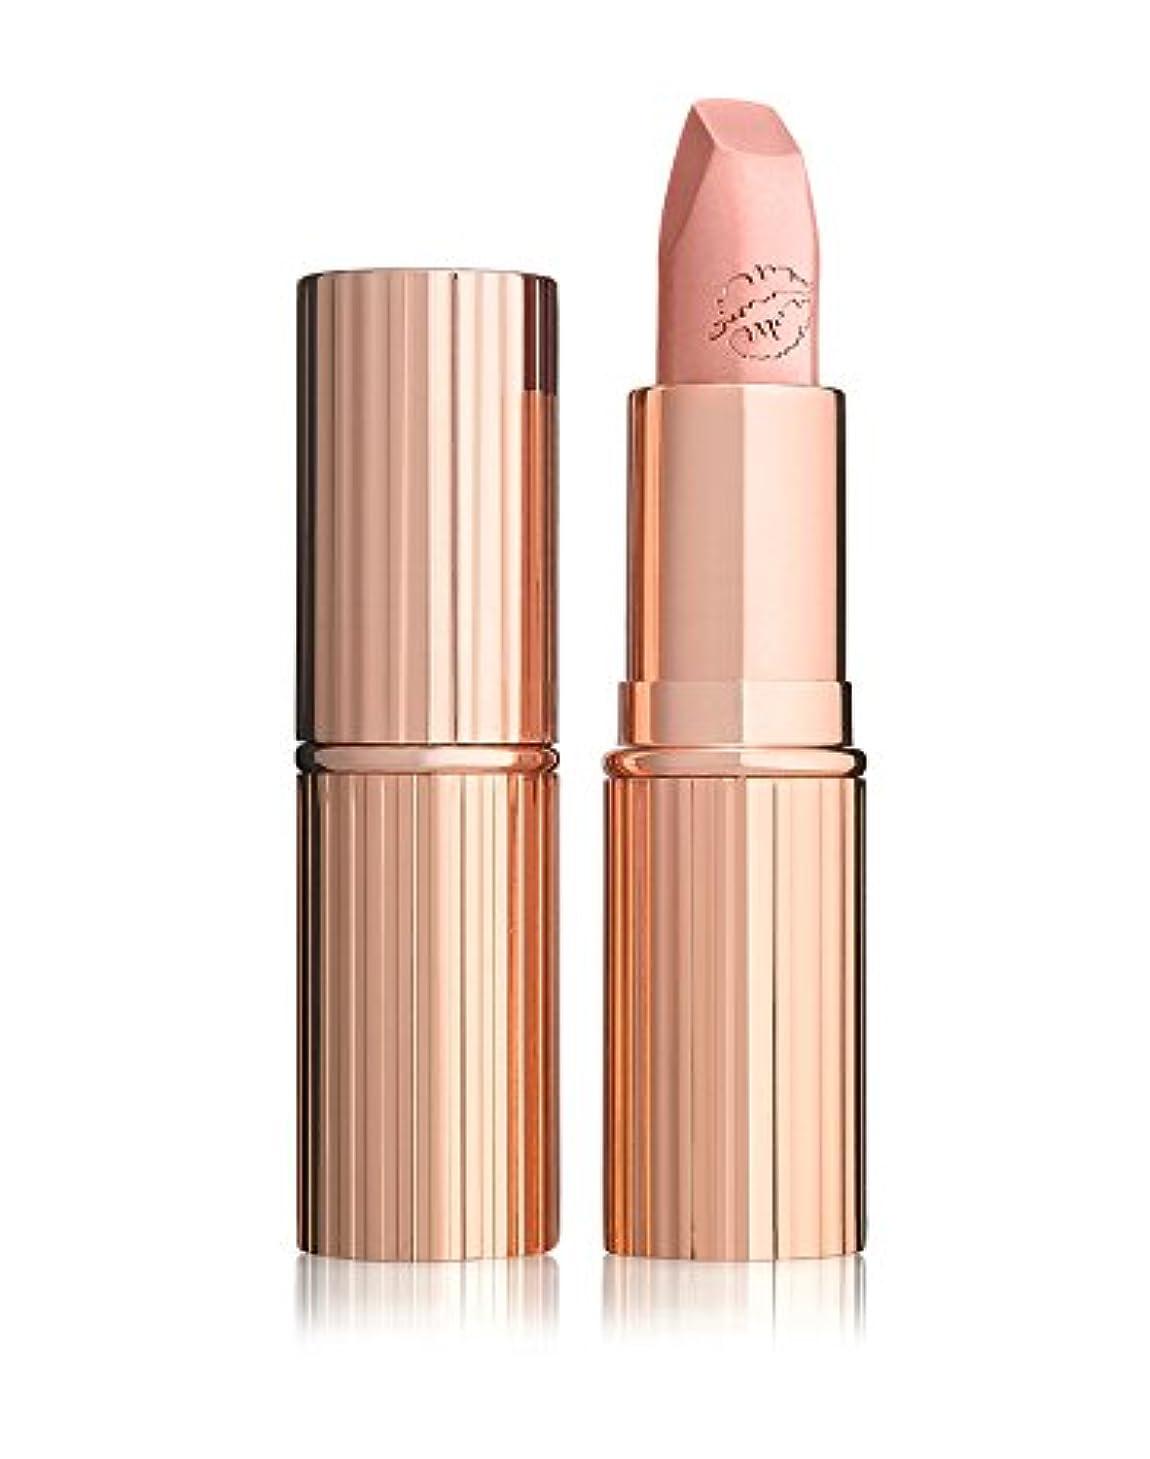 元に戻す眠り給料Charlotte Tilbury(シャーロット ティルベリー)'Hot Lips' Lipstick (Kim K.w) [並行輸入品]